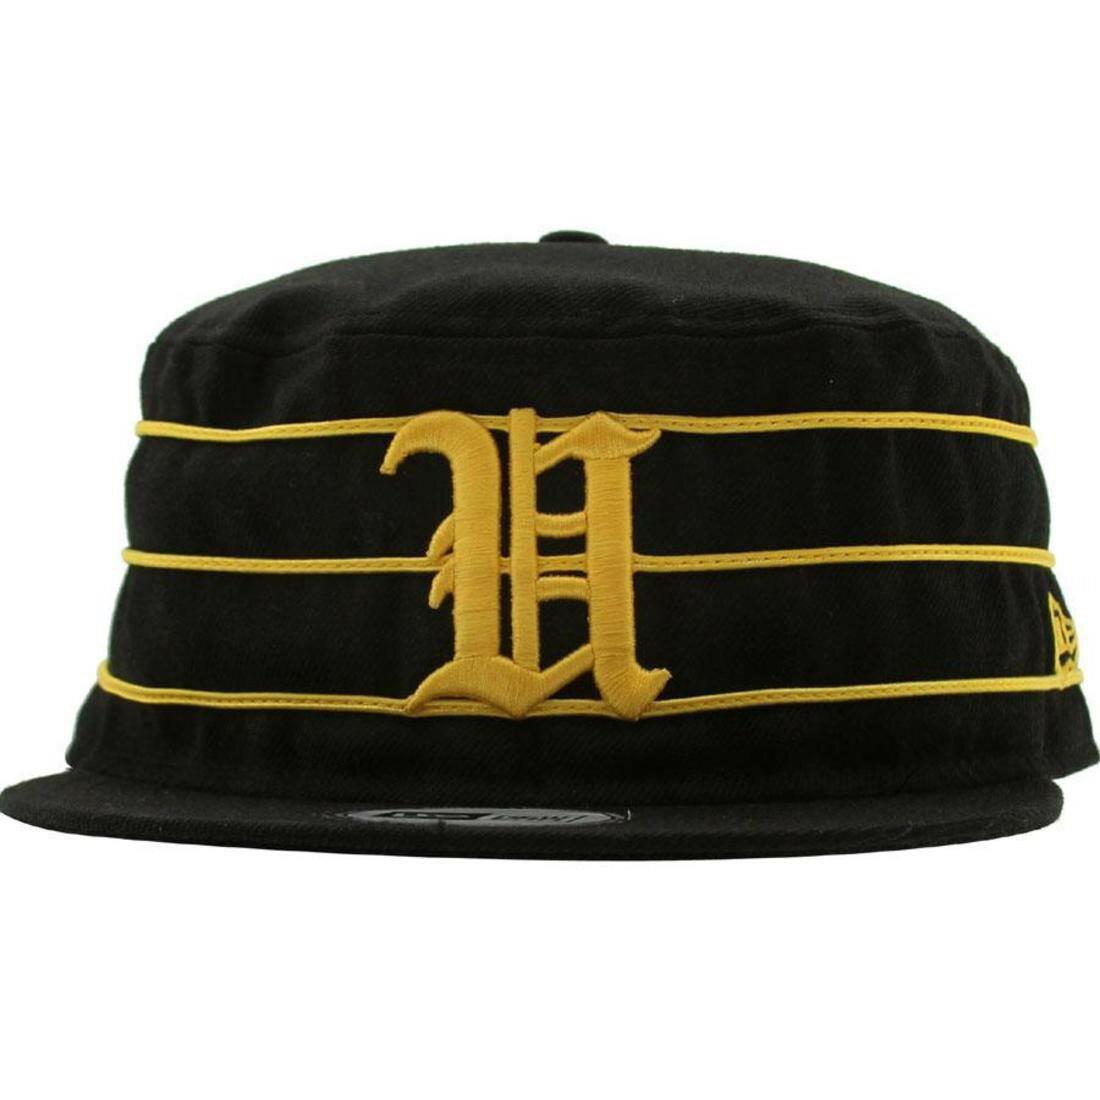 メンズ帽子, キャップ  UNDEFEATED TIGER U PILLBOX NEW ERA FITTED CAP BLACK